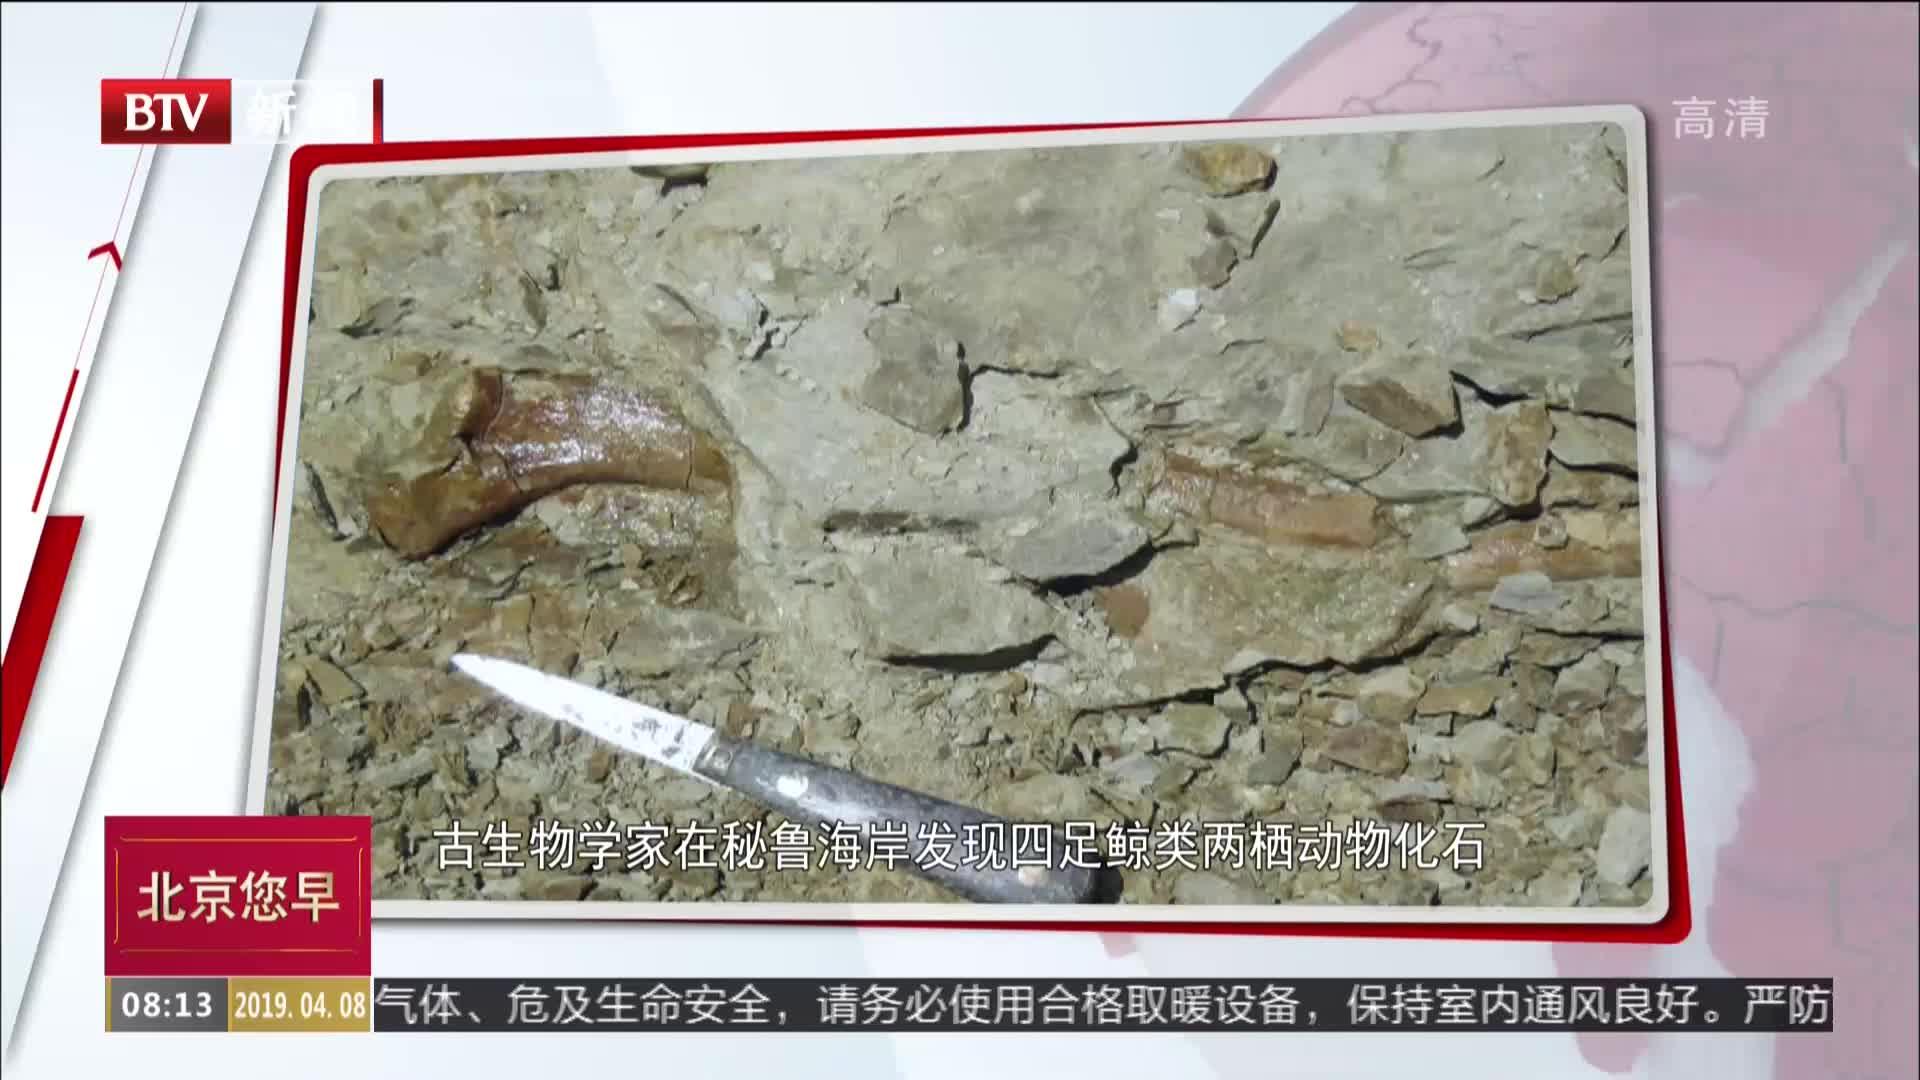 [视频]古生物学家在秘鲁海岸发现四足鲸类两栖动物化石